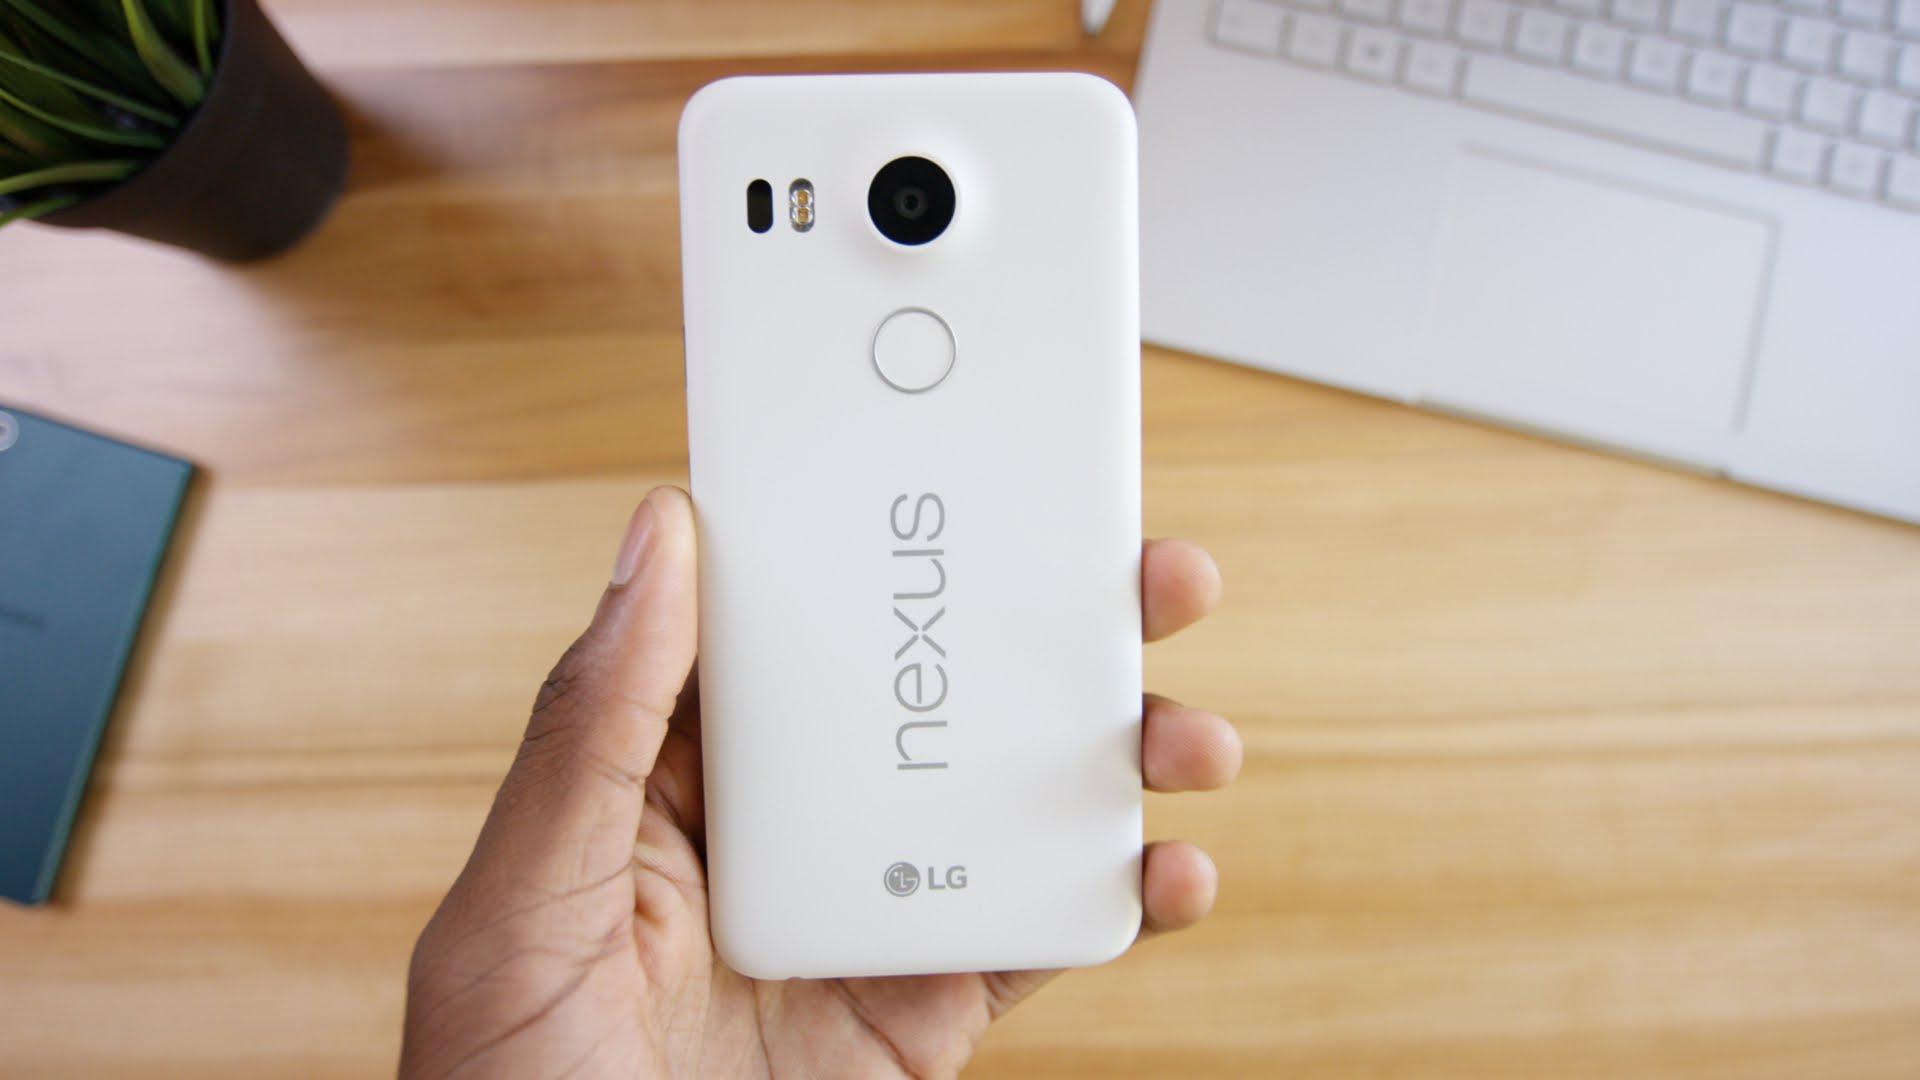 I 5 migliori trucchi per il Nexus 5x 1